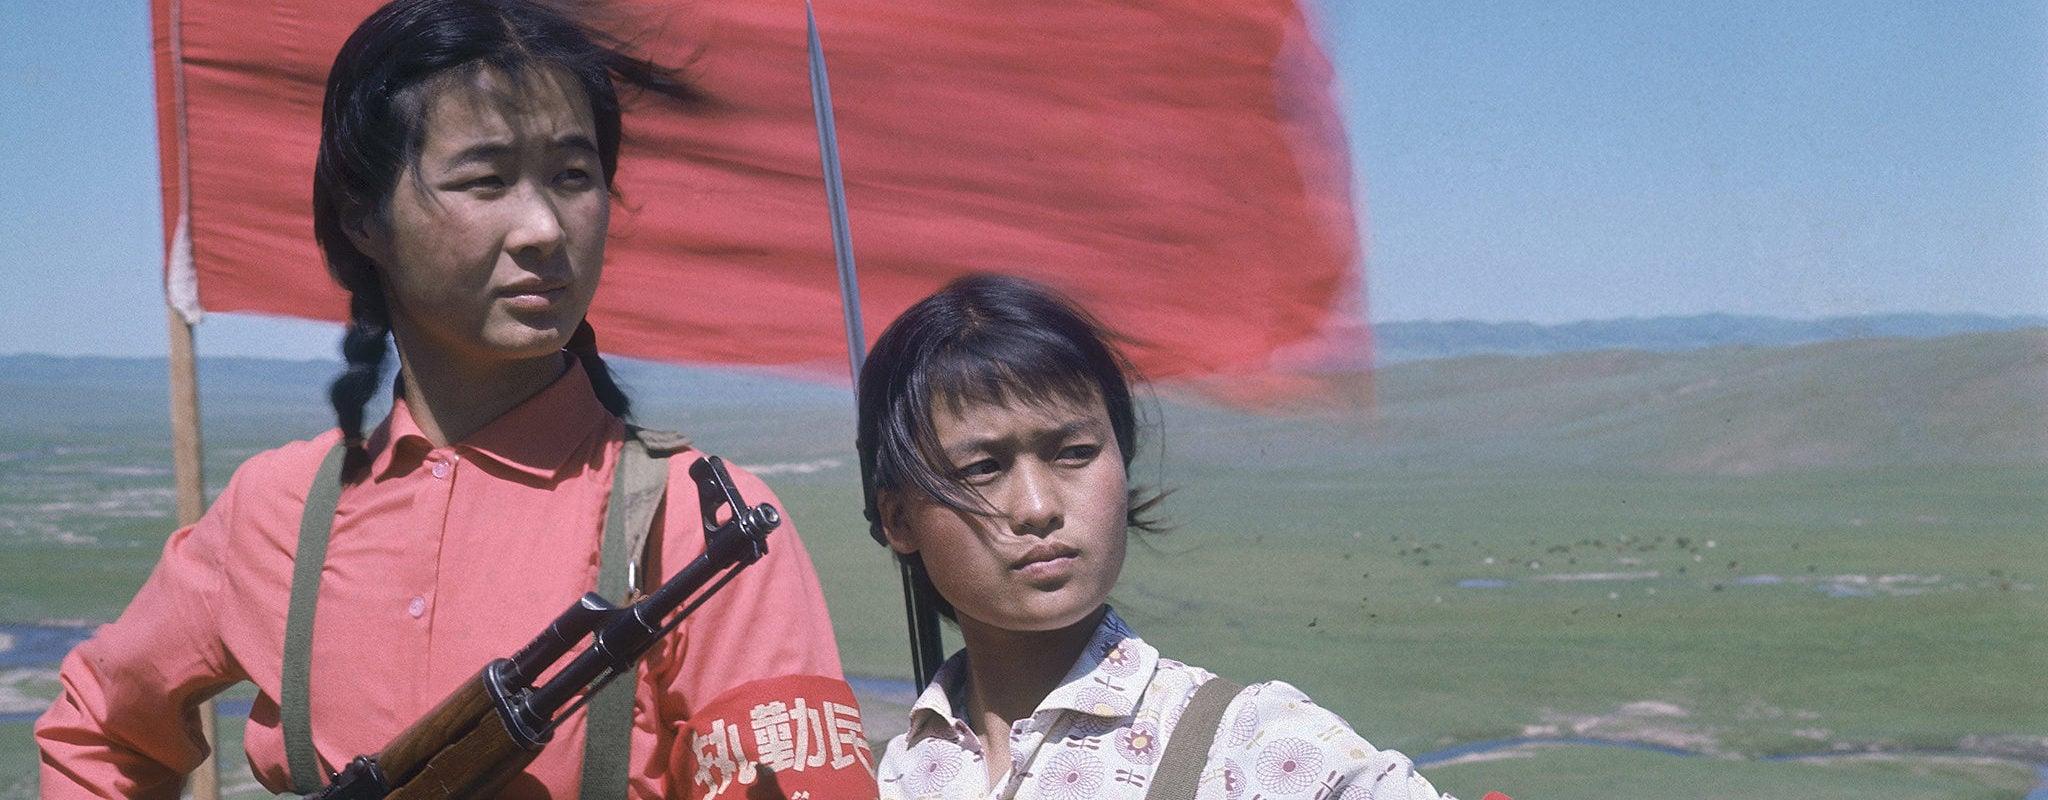 Zhu Xianmin, l'oeil de la Révolution Culturelle, à La Chambre jusqu'à Noël